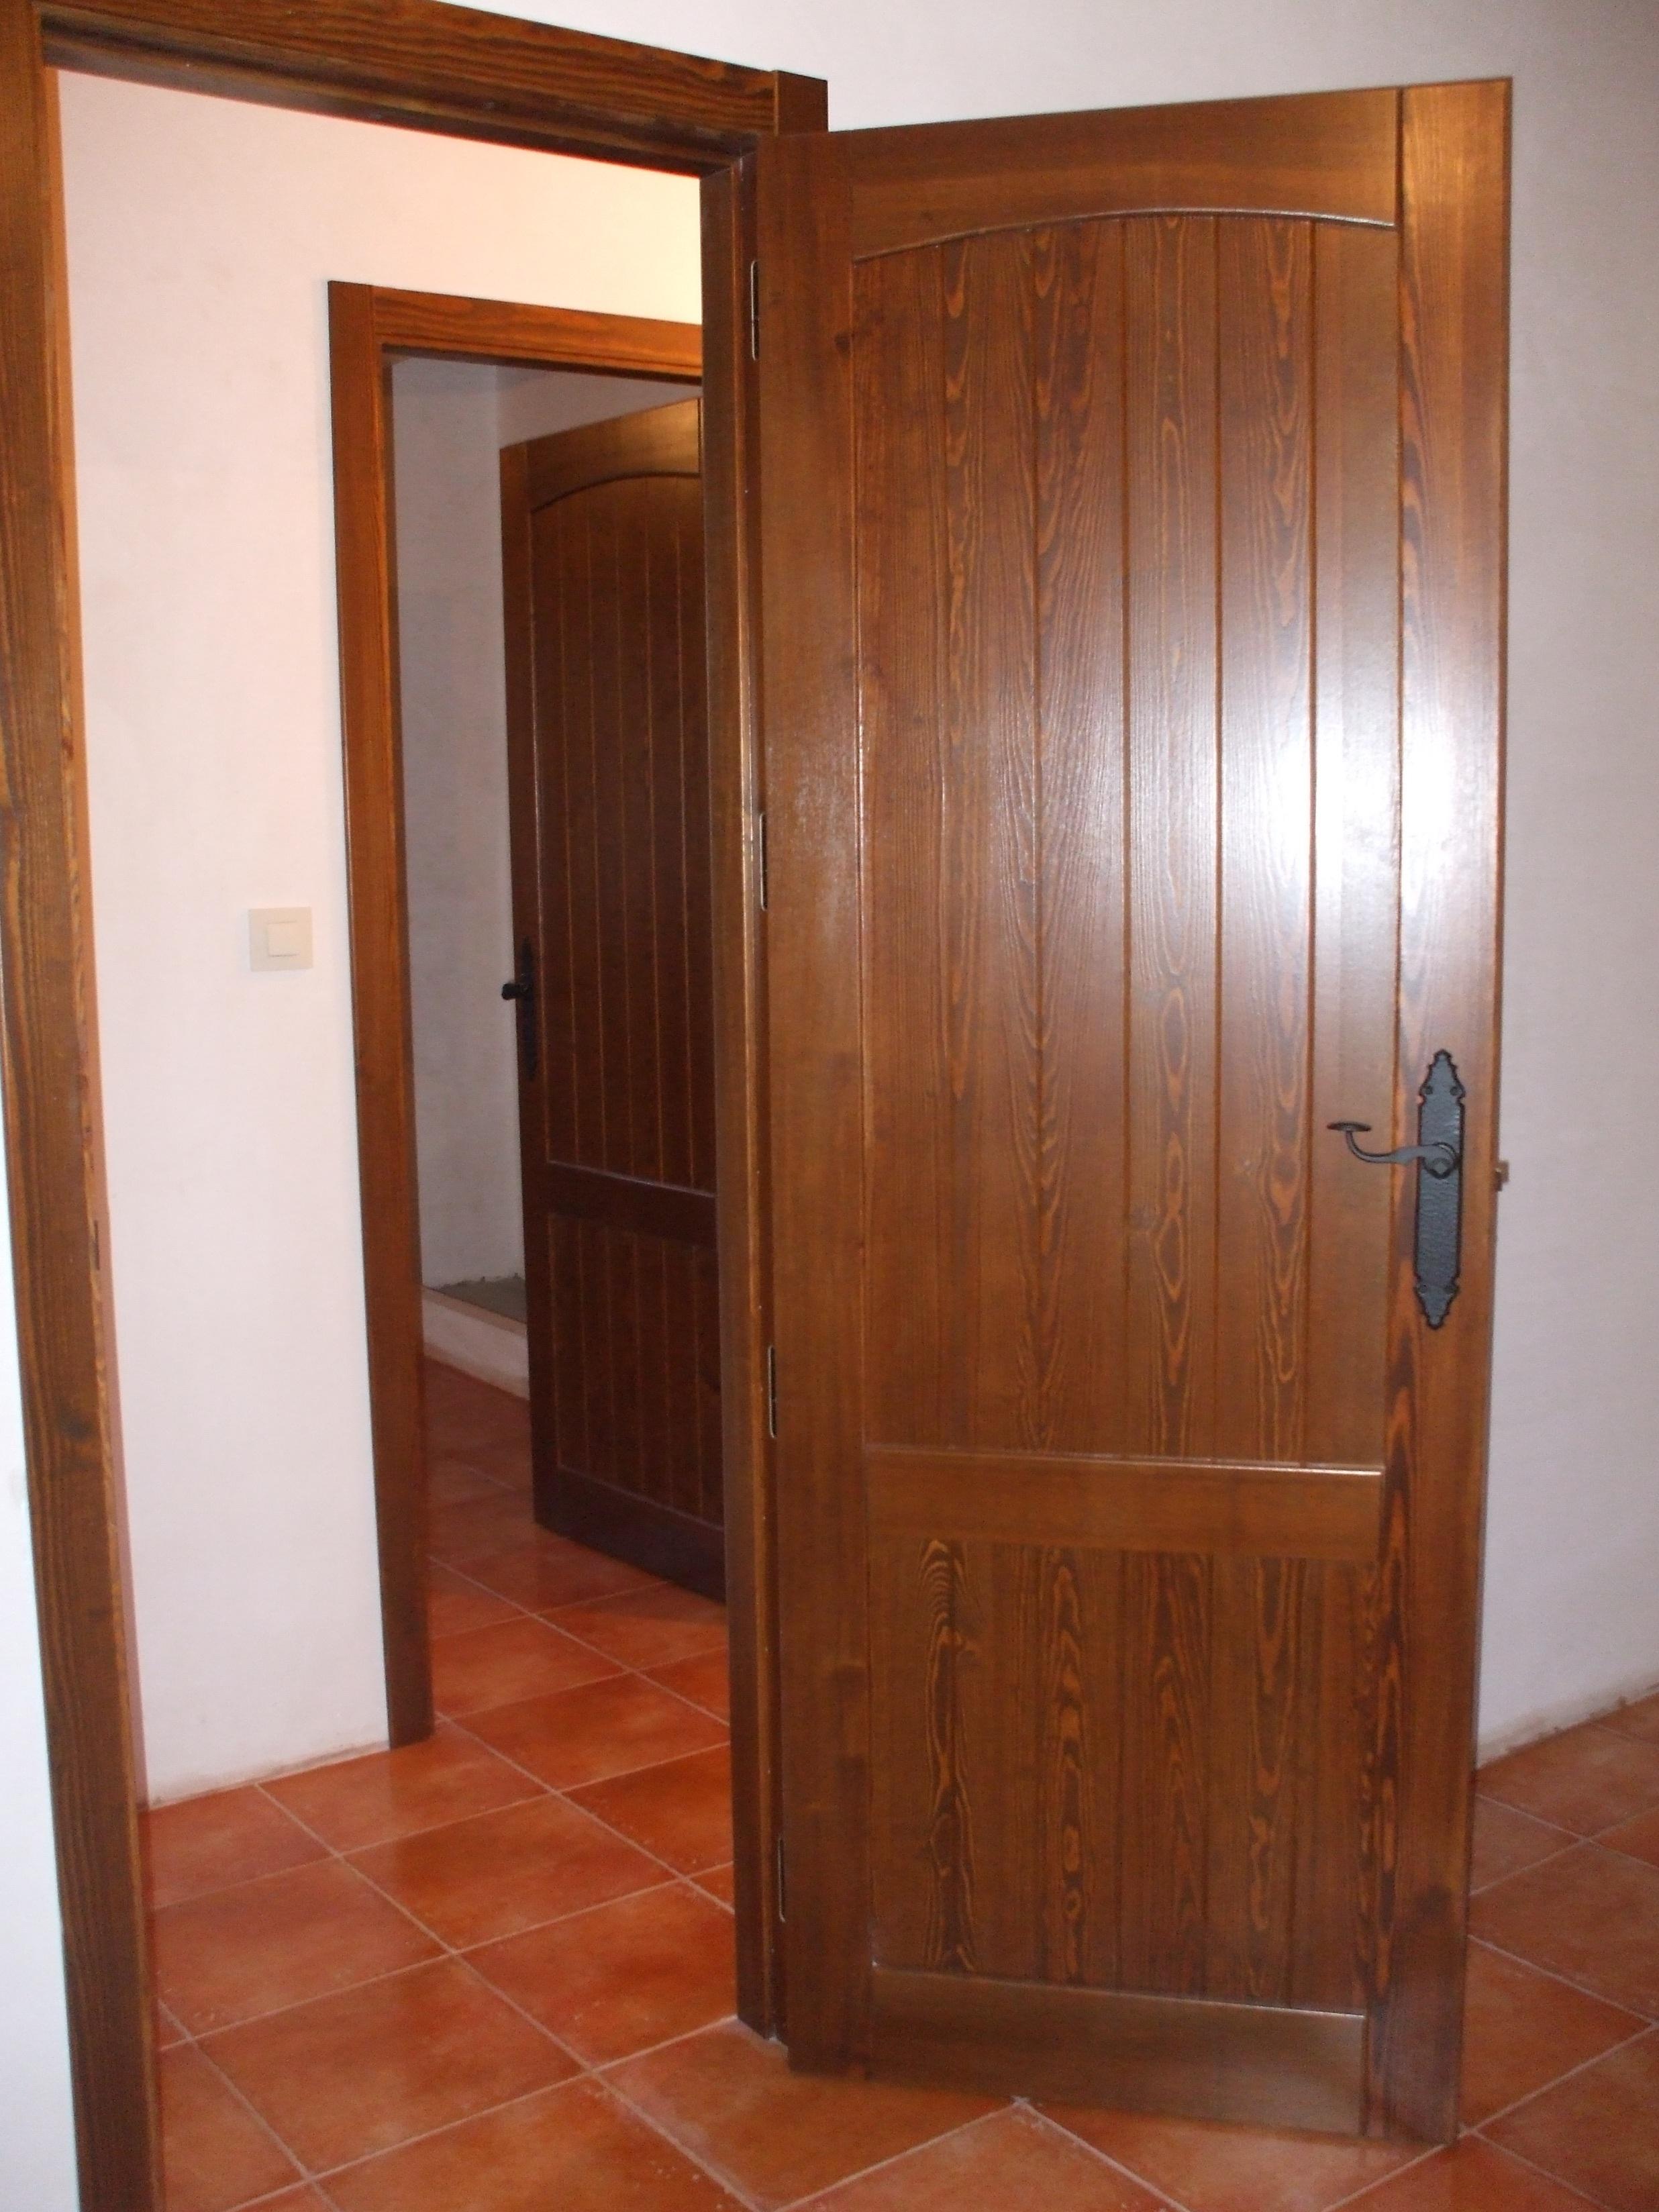 Puerta interior r stica modelo cuenca curva puertas - Puertas rusticas interior ...